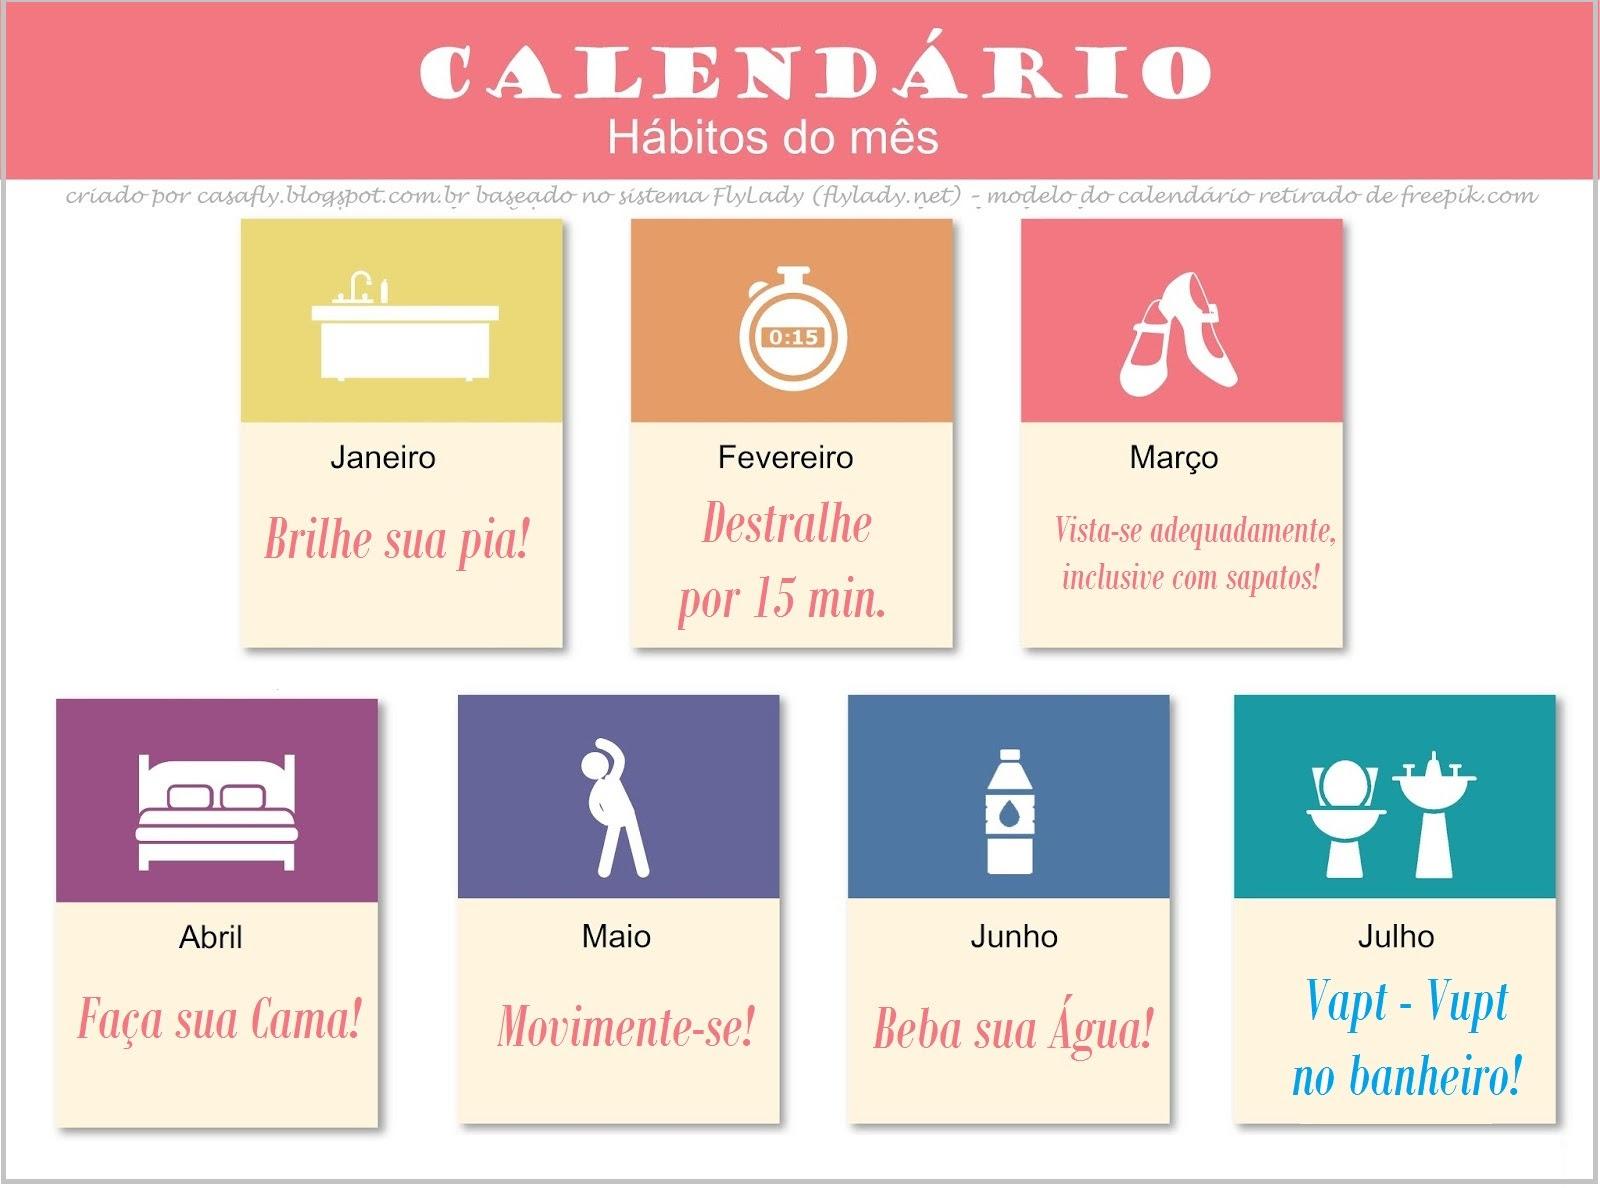 Calendario Flylady.Espiadinha Da Semana 02 A 07 De Julho De 2018 Casa Fly